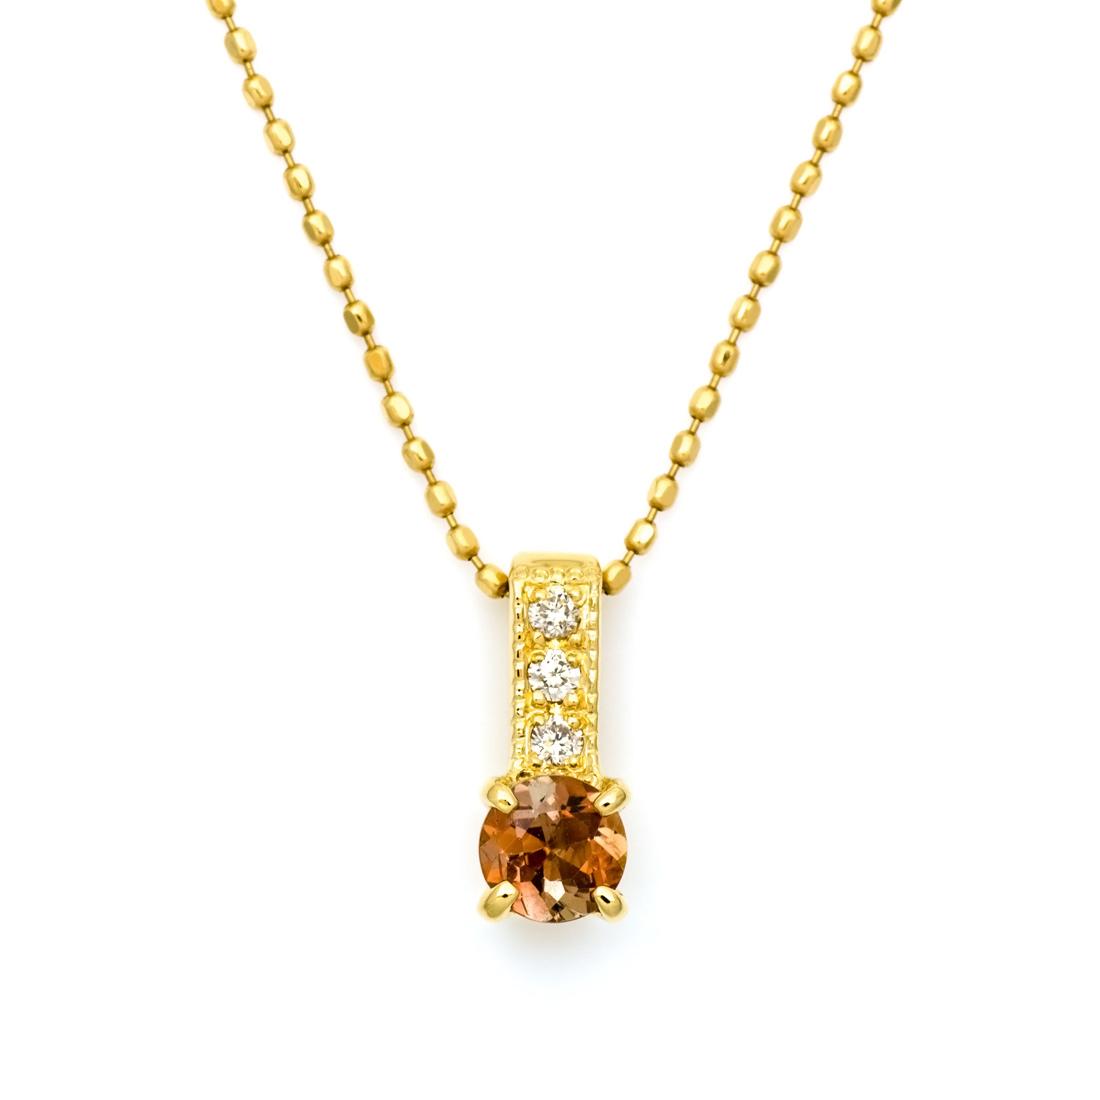 【GWクーポン配布中】ペンダントトップ アンダルサイト ダイヤモンド 「fiorito」 ゴールド K18 送料無料